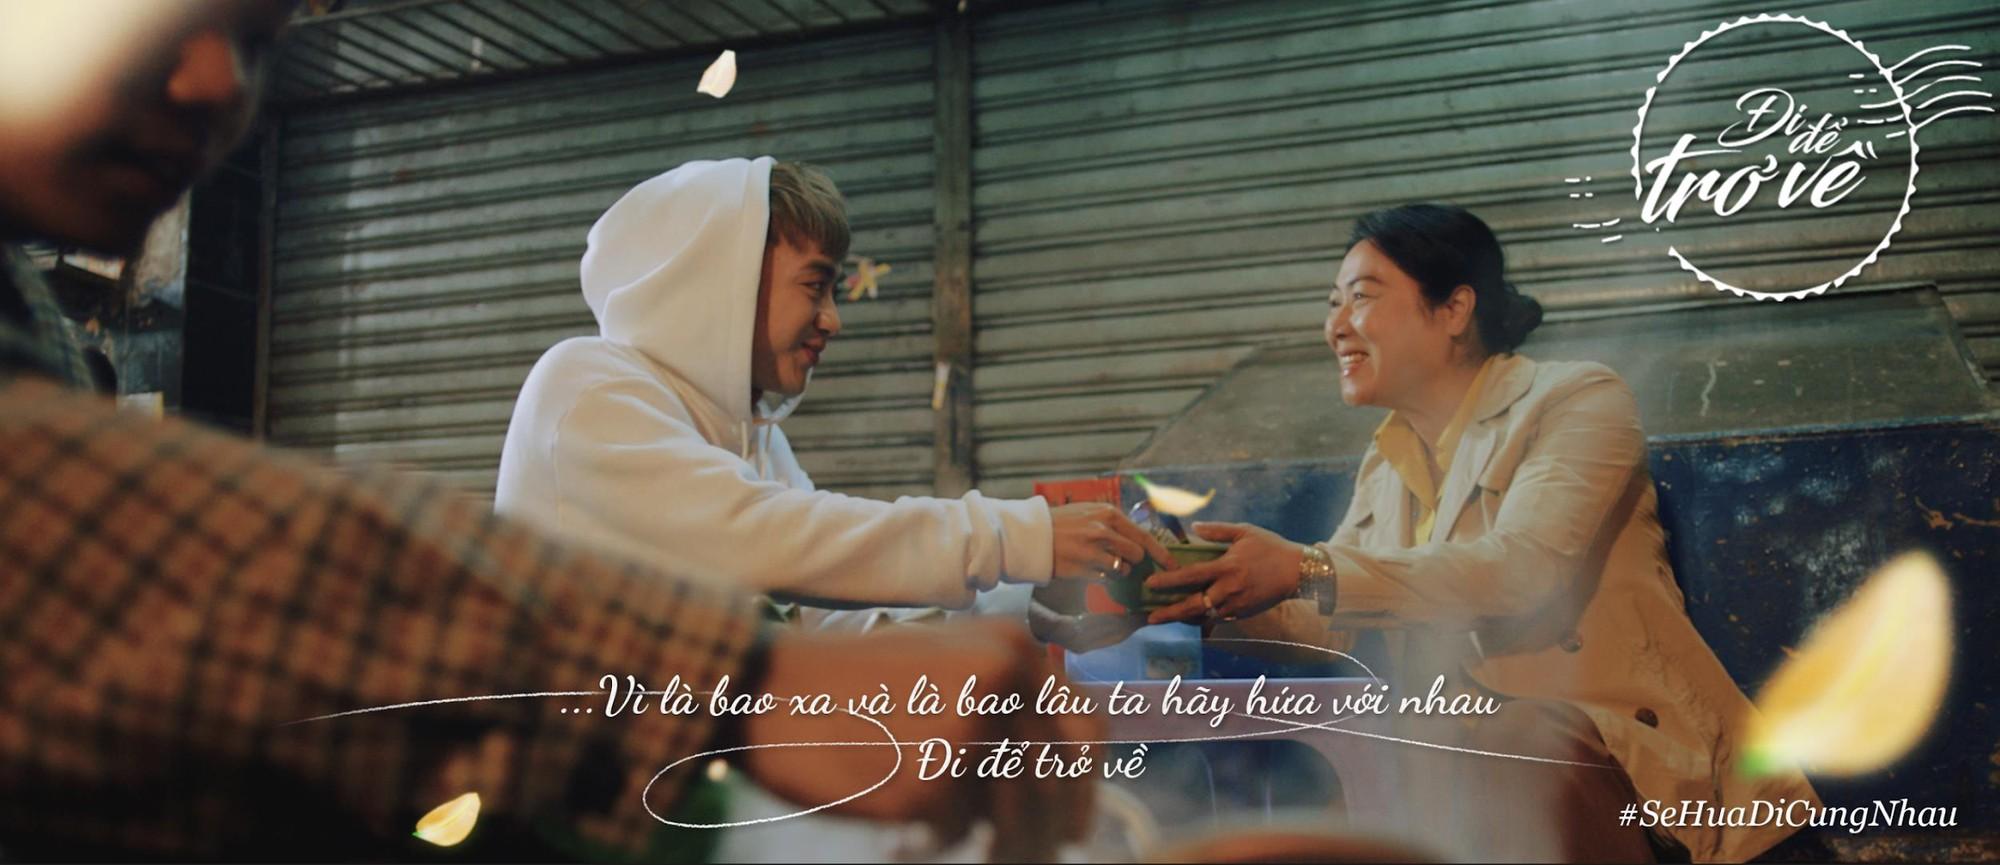 """Soobin Hoàng Sơn và Tiên Cookie, Da LAB tiếp tục hành trình """"Đi Để Trở Về, gửi gắm nỗi nhớ nhung thật khác trên hành trình mới - Ảnh 7."""